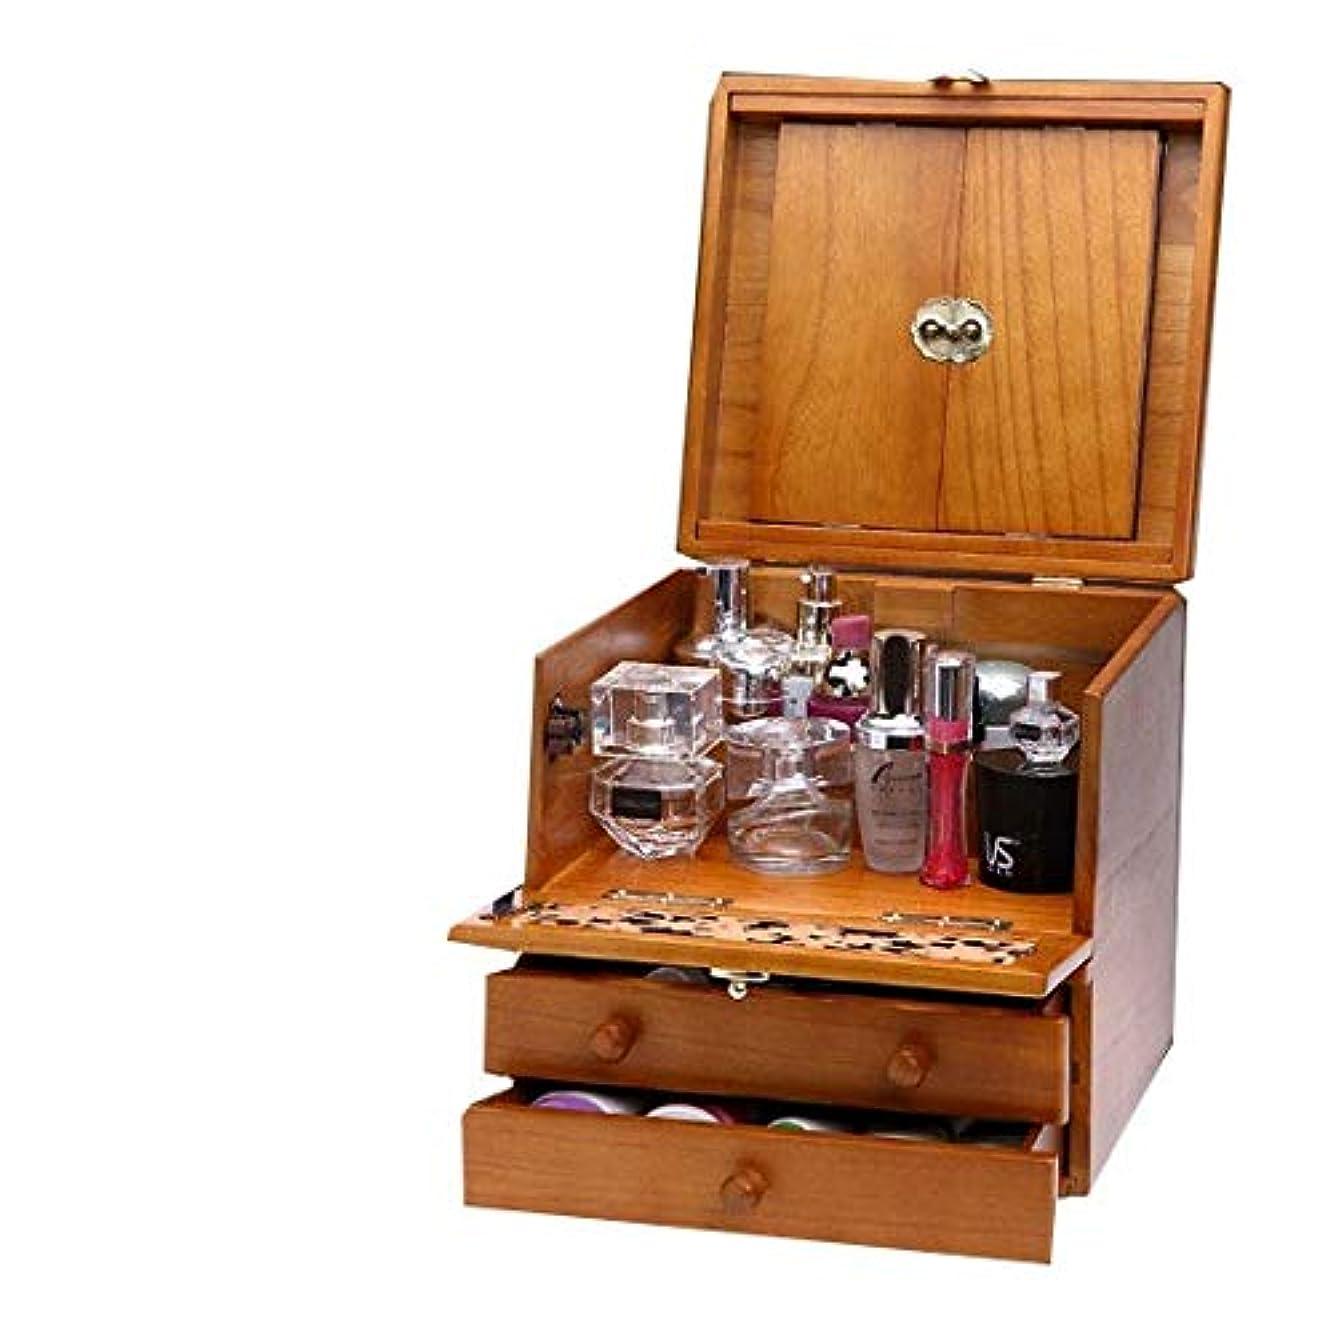 ダイエット情熱的賃金化粧箱、3層レトロ木製彫刻化粧ケース付きミラー、ハイエンドのウェディングギフト、新築祝いのギフト、美容ネイルジュエリー収納ボックス